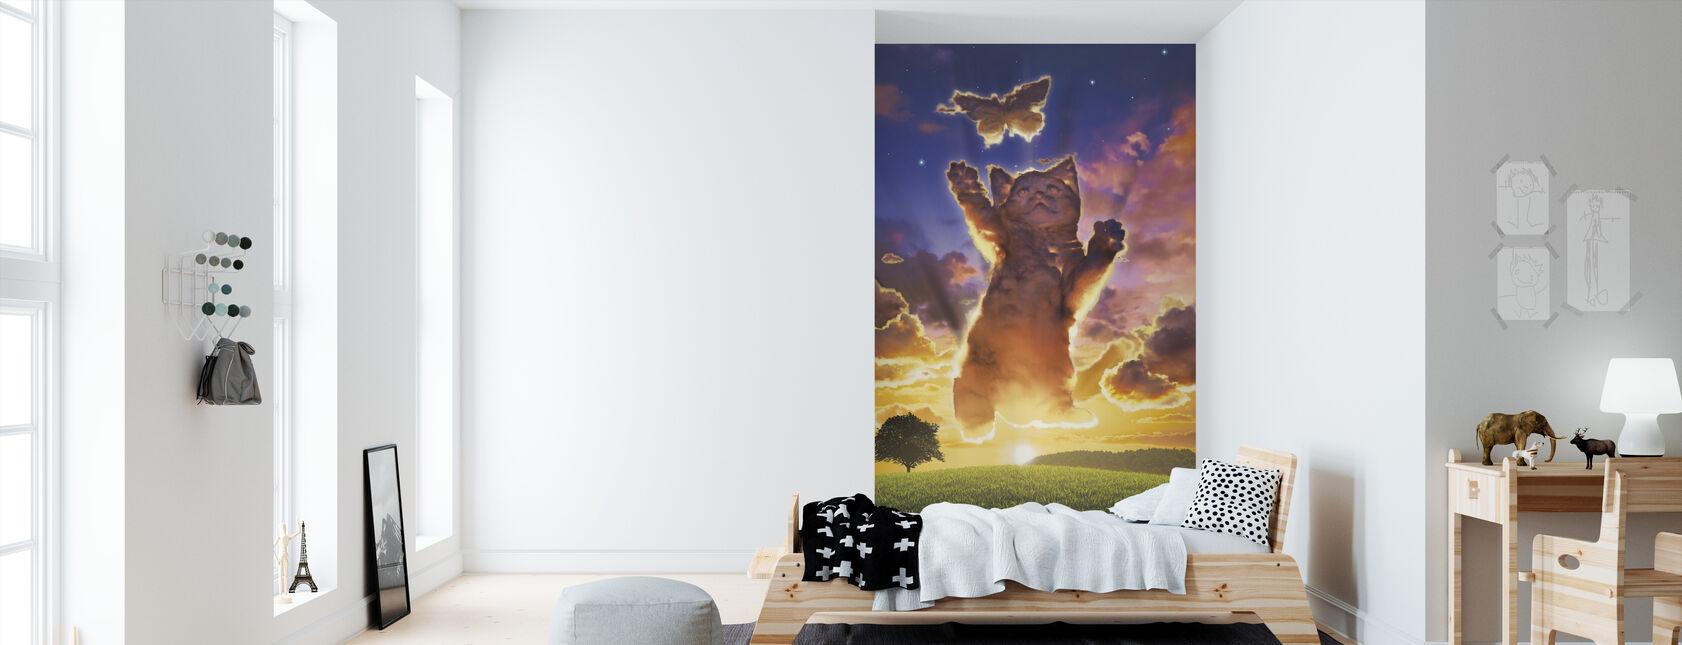 Cloud Kitten Sunset - Wallpaper - Kids Room